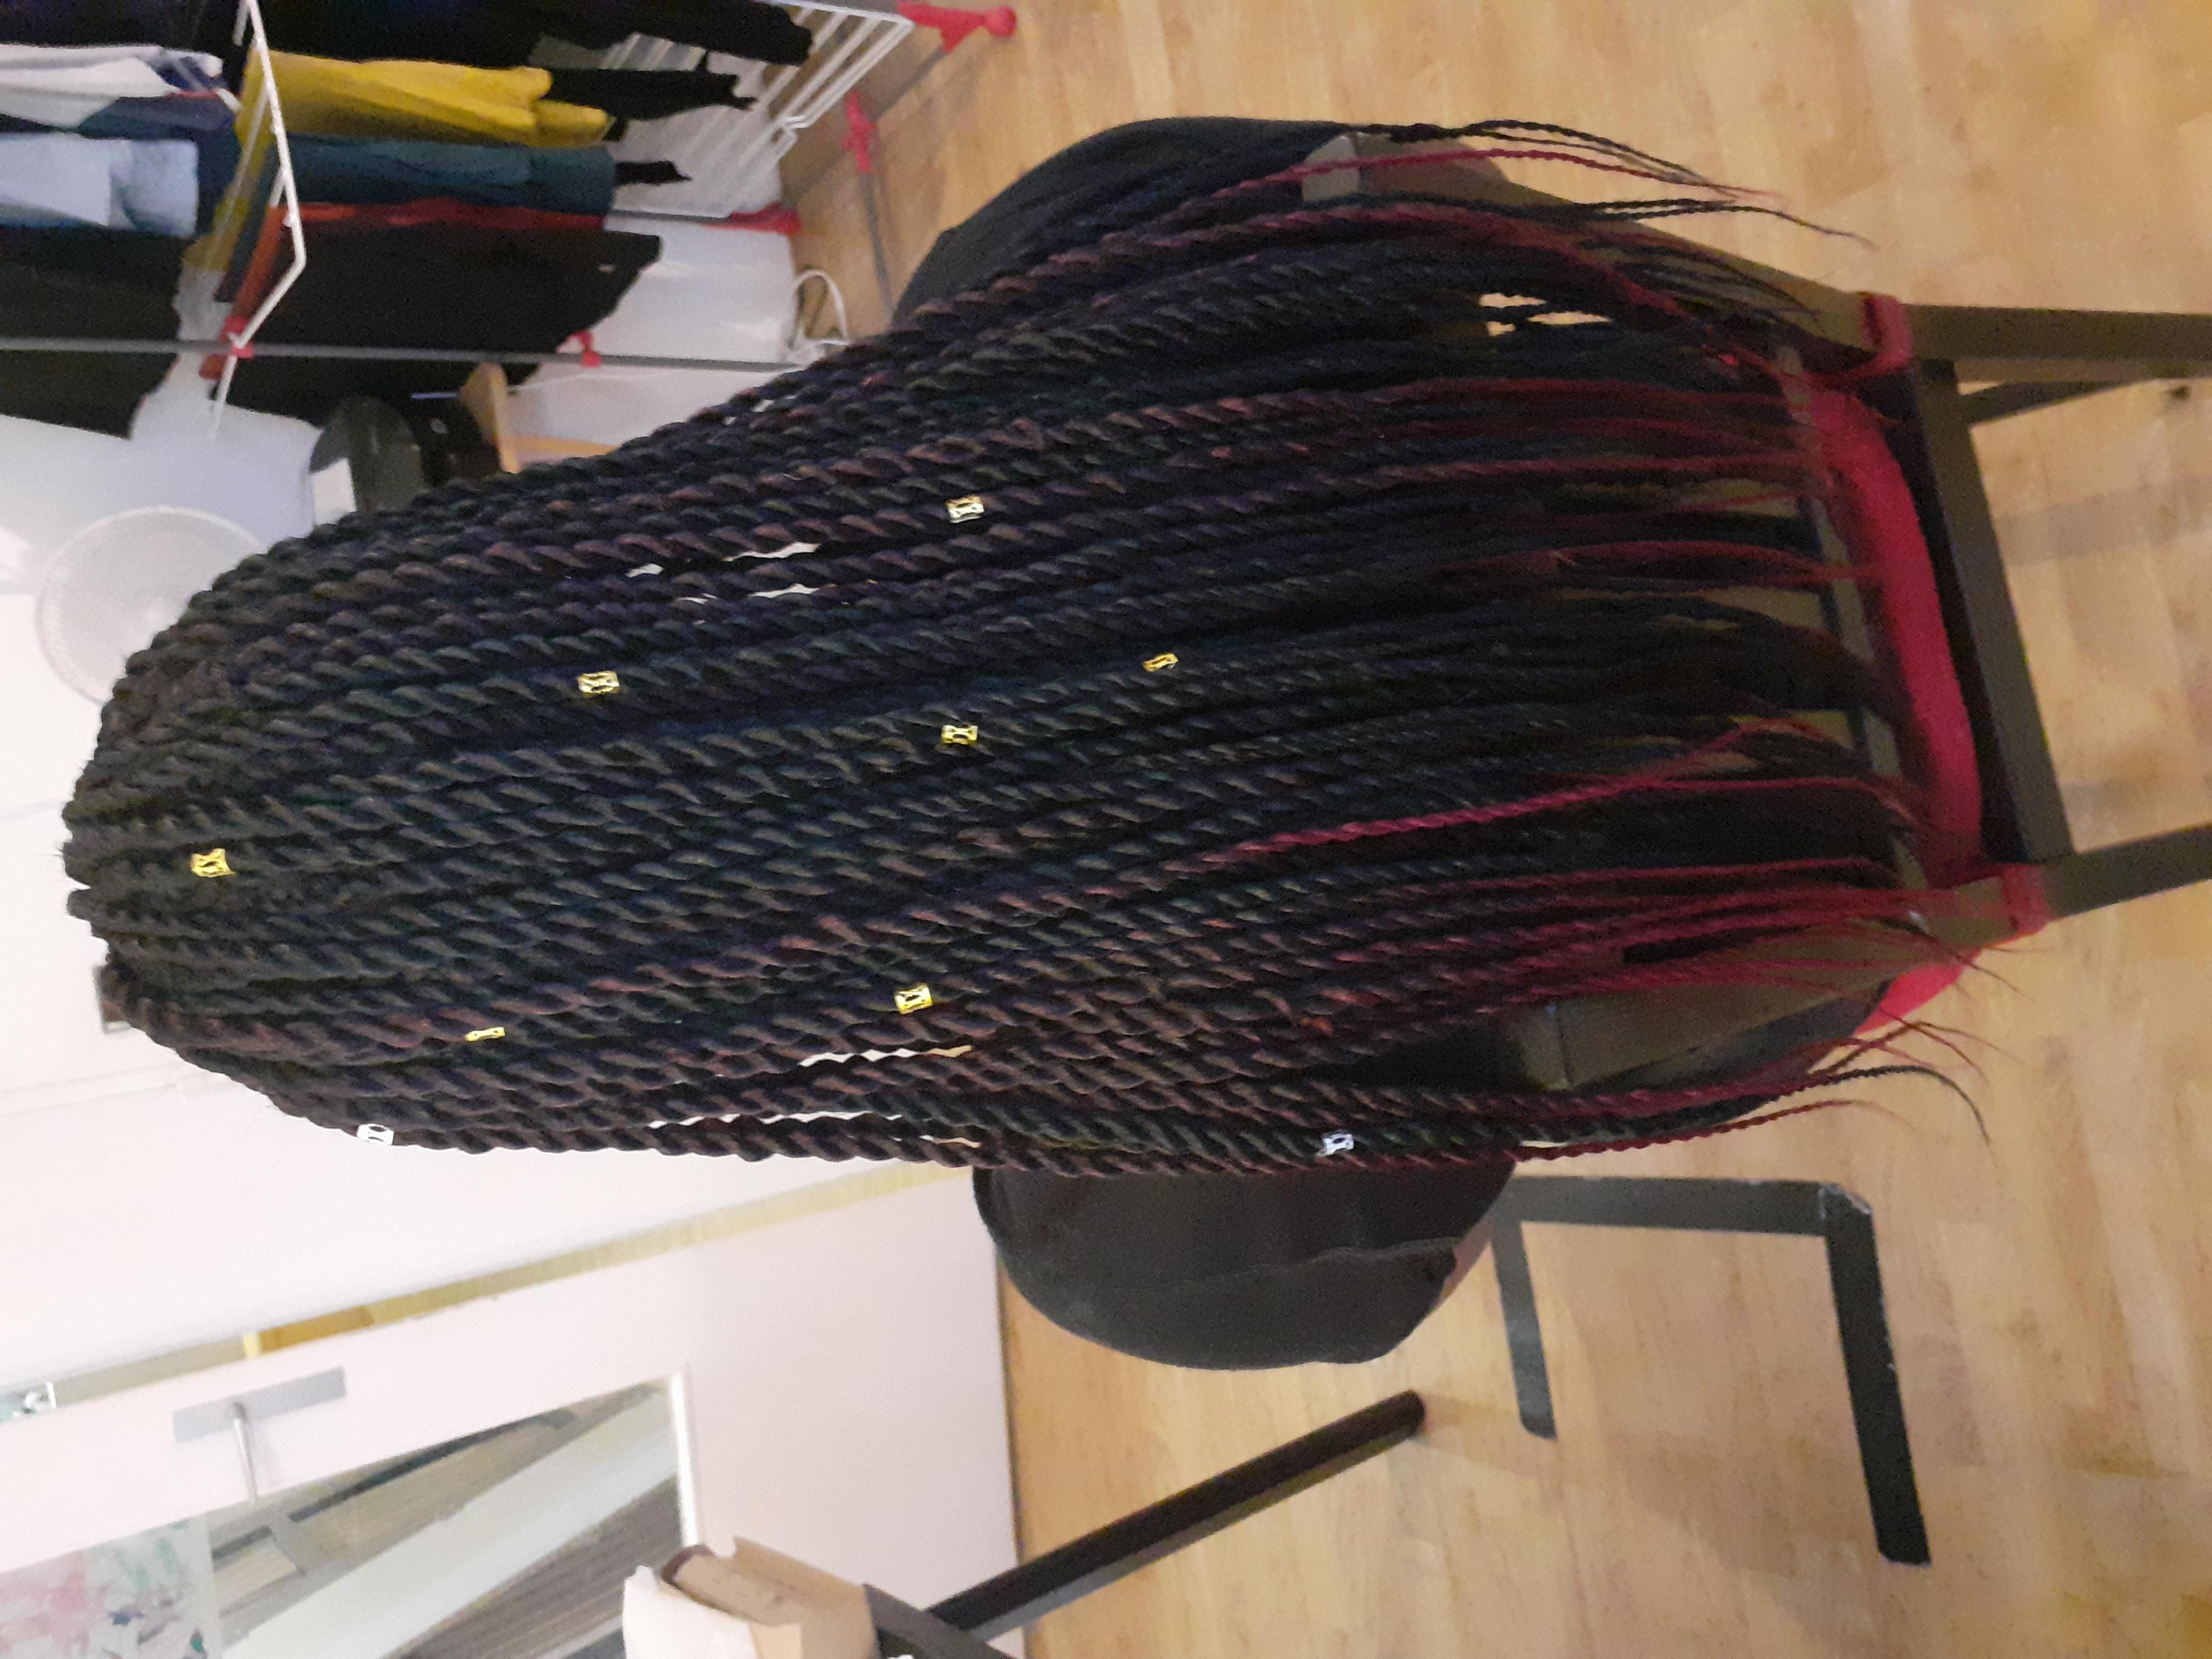 salon de coiffure afro tresse tresses box braids crochet braids vanilles tissages paris 75 77 78 91 92 93 94 95 ZWIWZJKB